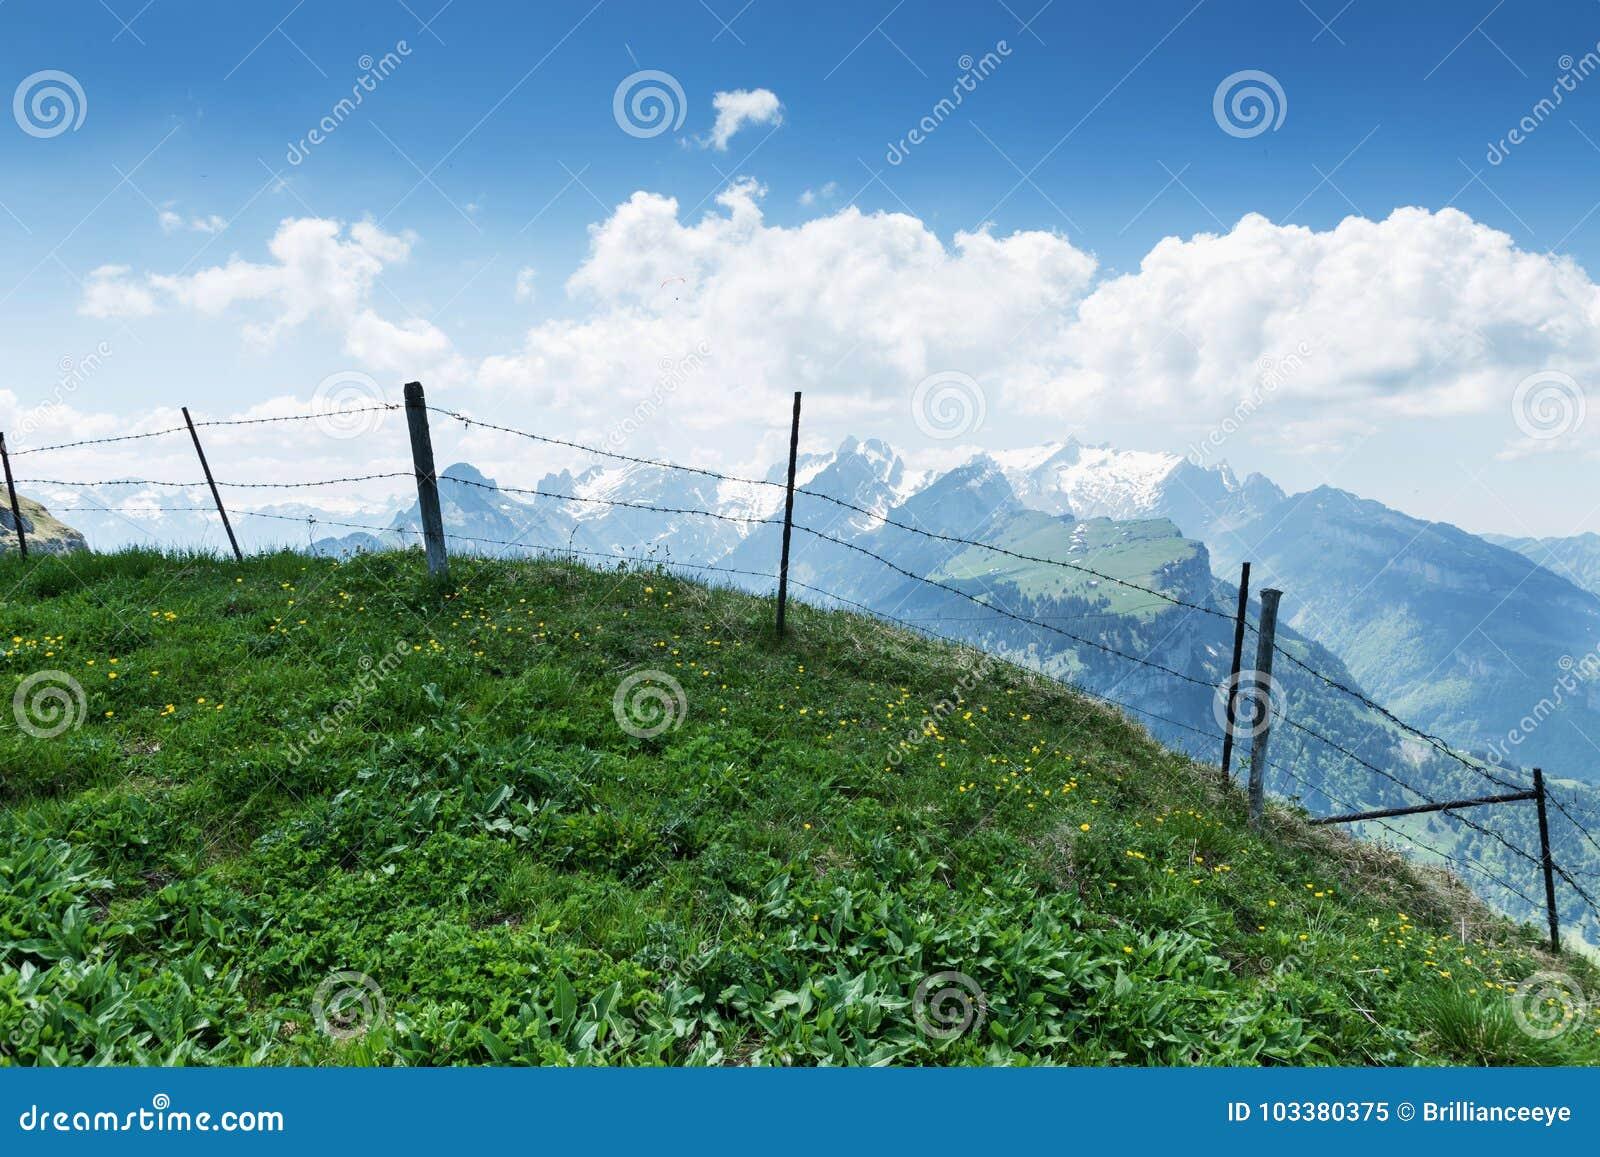 Grön bergäng framme av försett med en hulling - trådstaket och sikt till